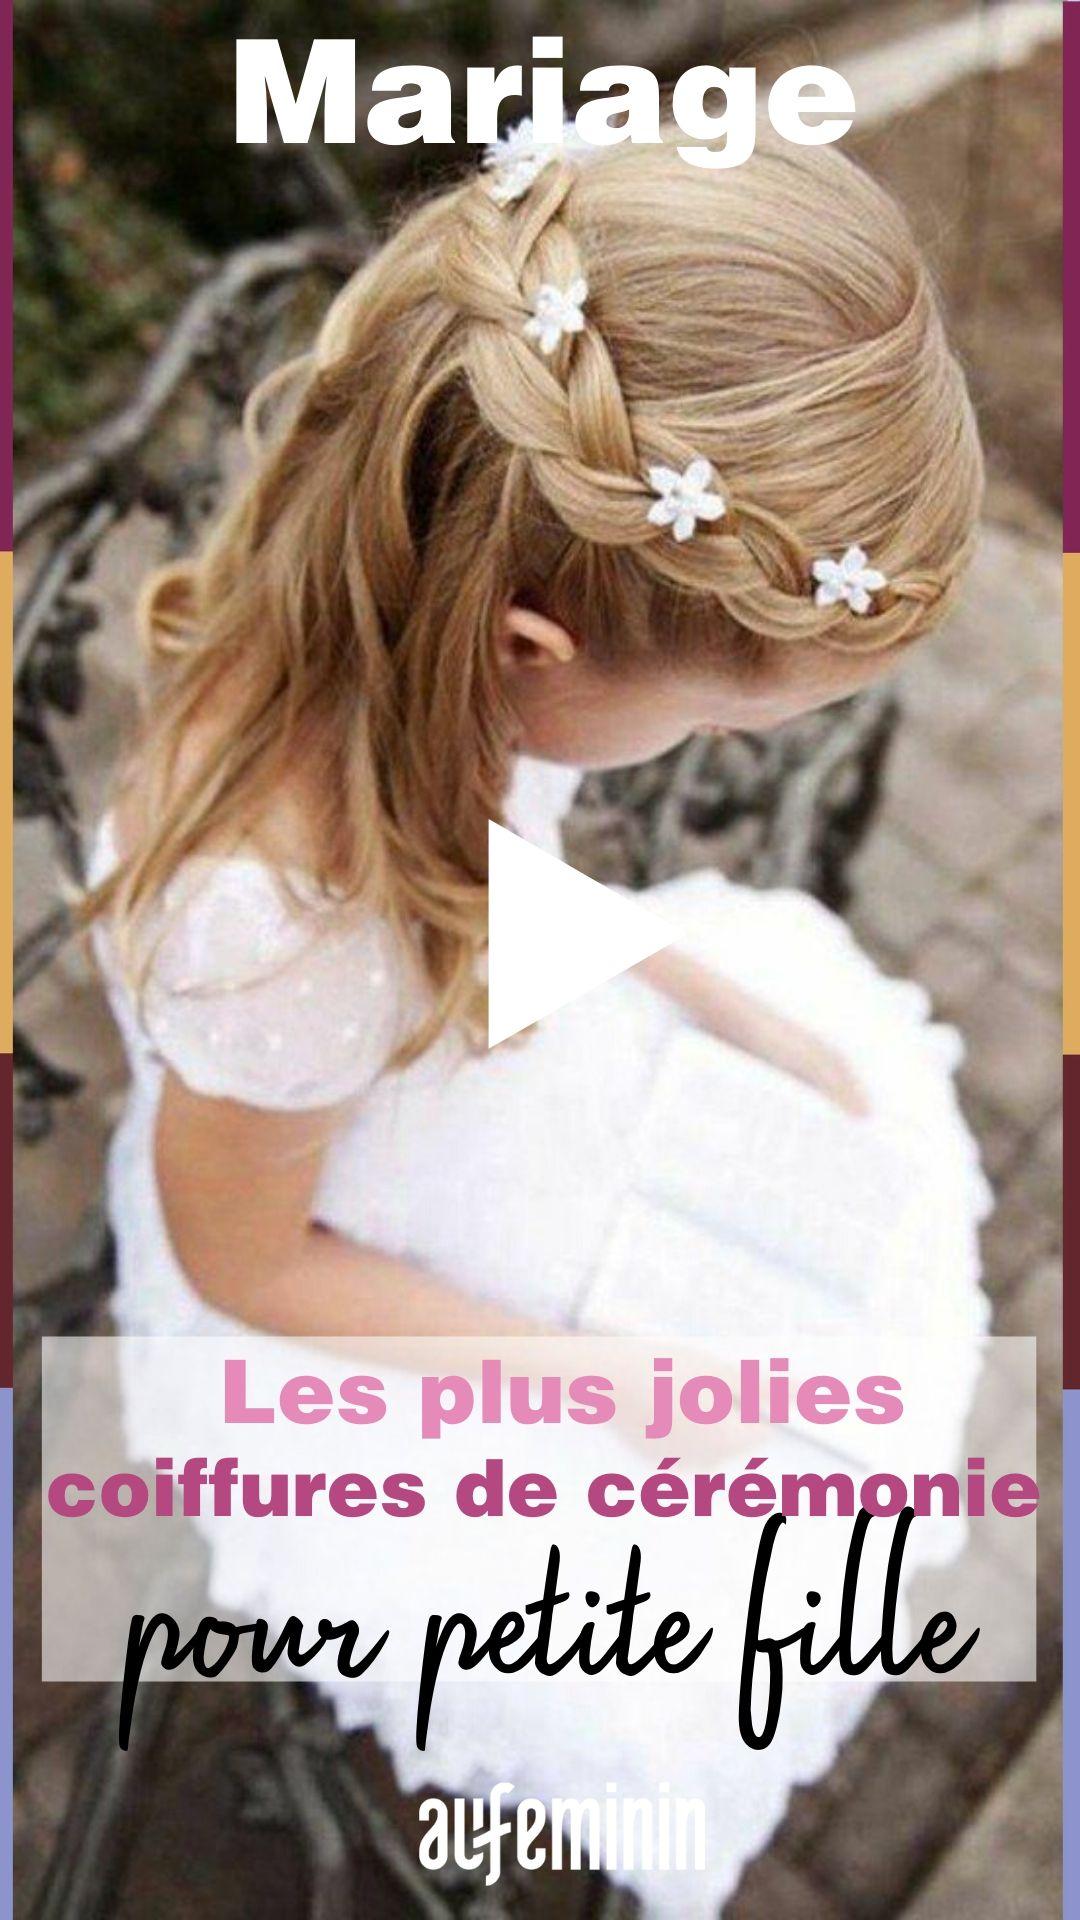 Cérémonie : idées de coiffures pour petite fille